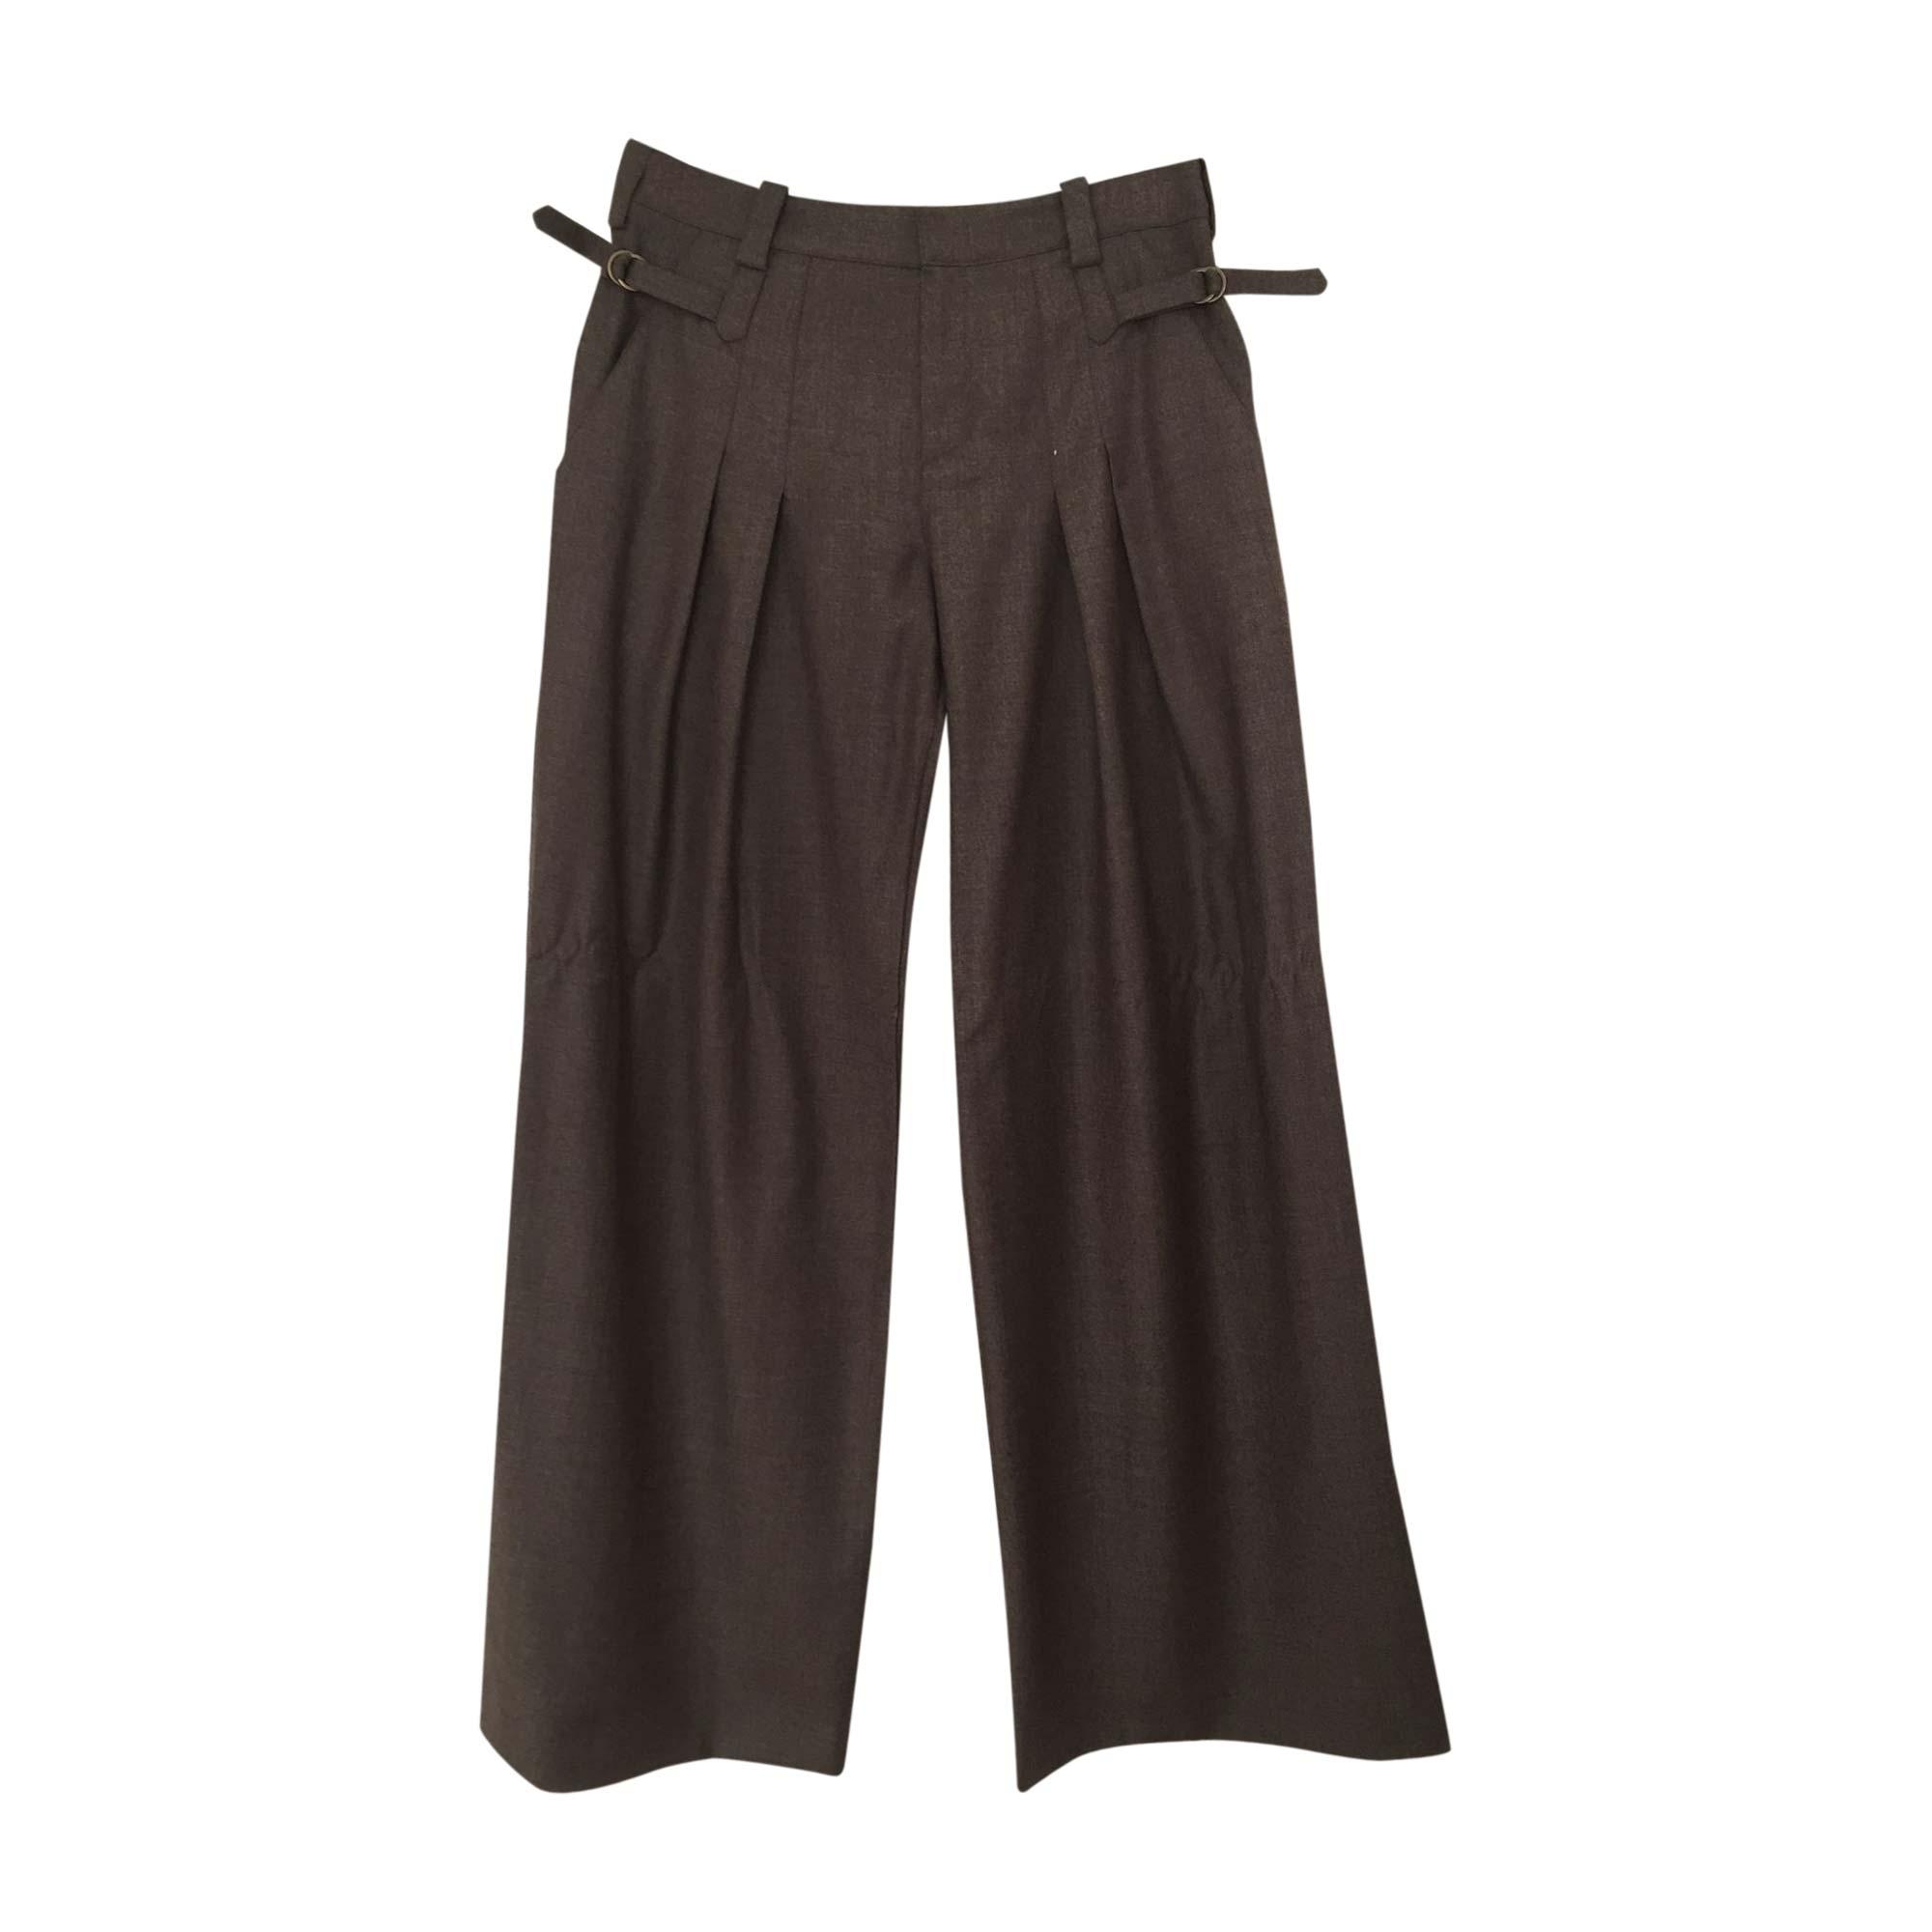 Pantalon très evasé, patte d'éléphant VANESSA BRUNO Marron